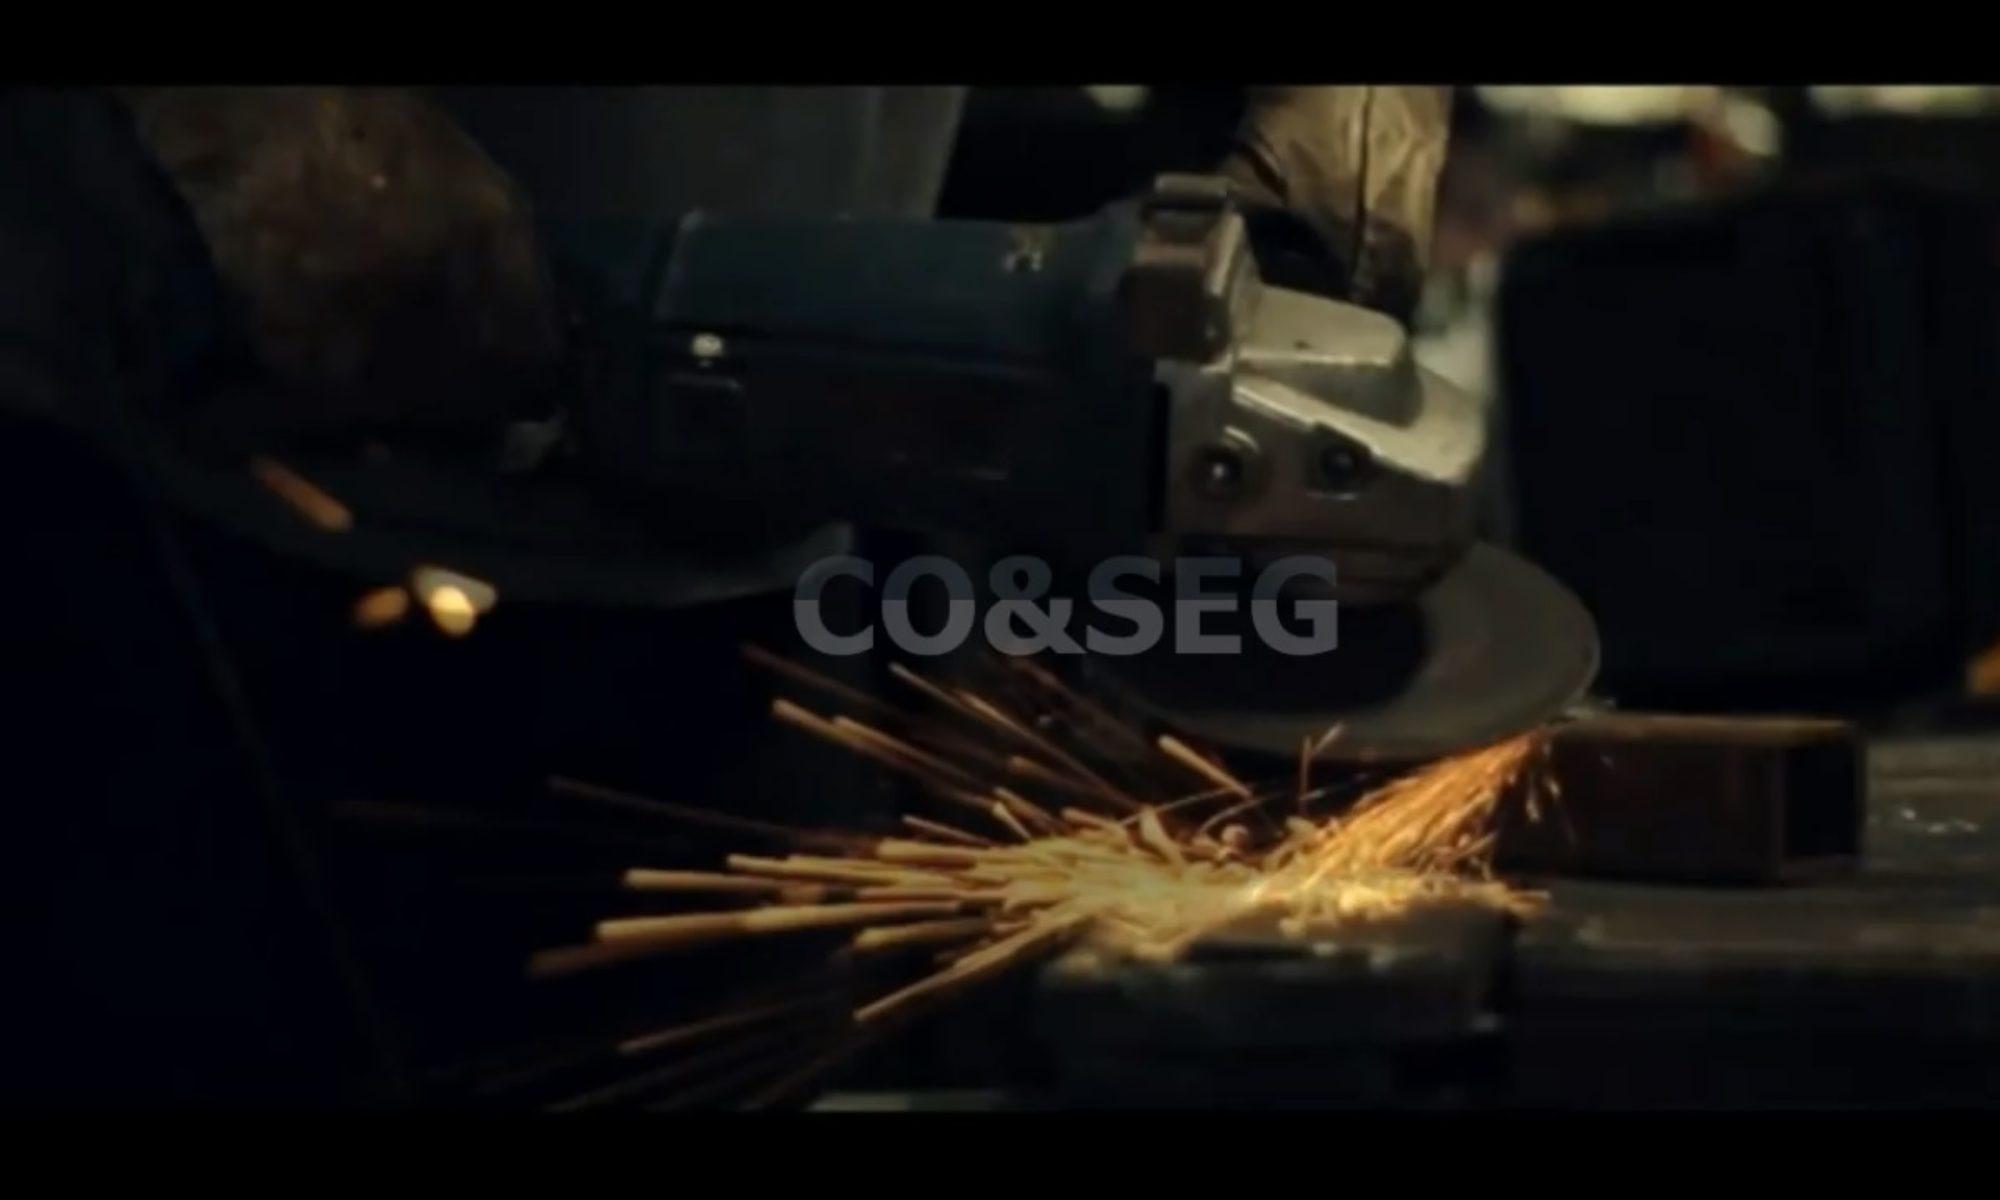 CO&SEG CONSTRUCCIONES Y SERVICIOS DEL GOLFO